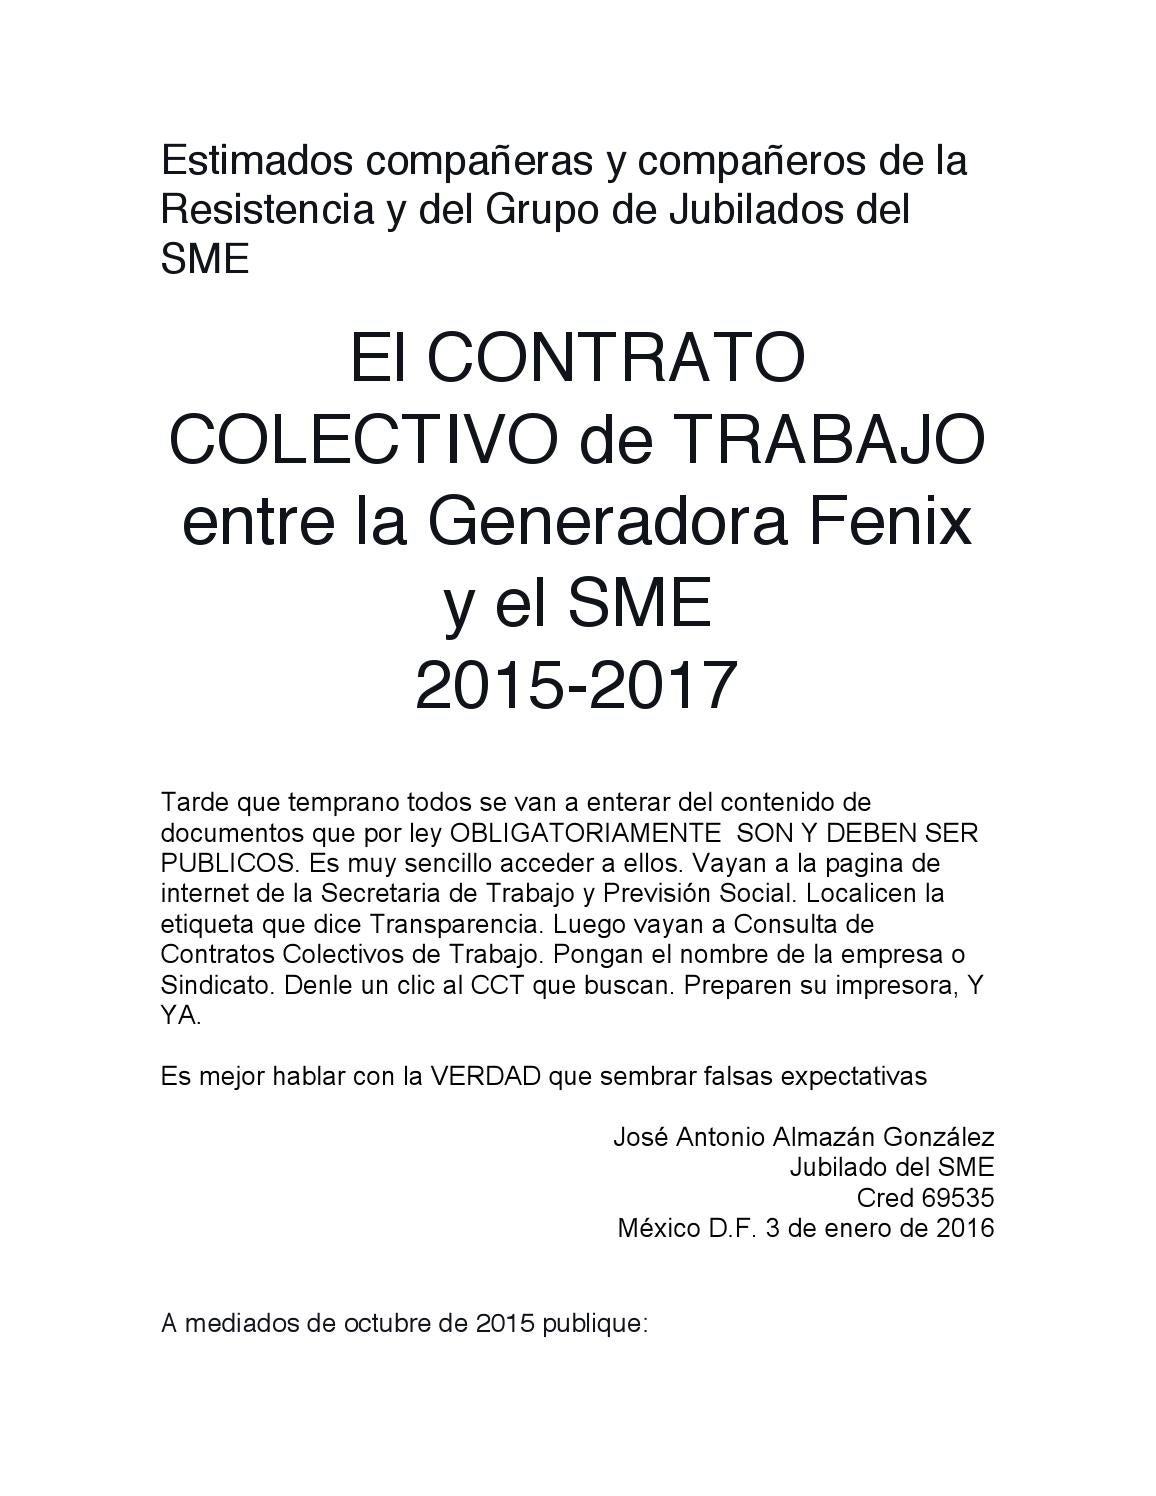 El CCT entre Generadora Fenix y el SME 2015 2017 by Jose Antonio ...